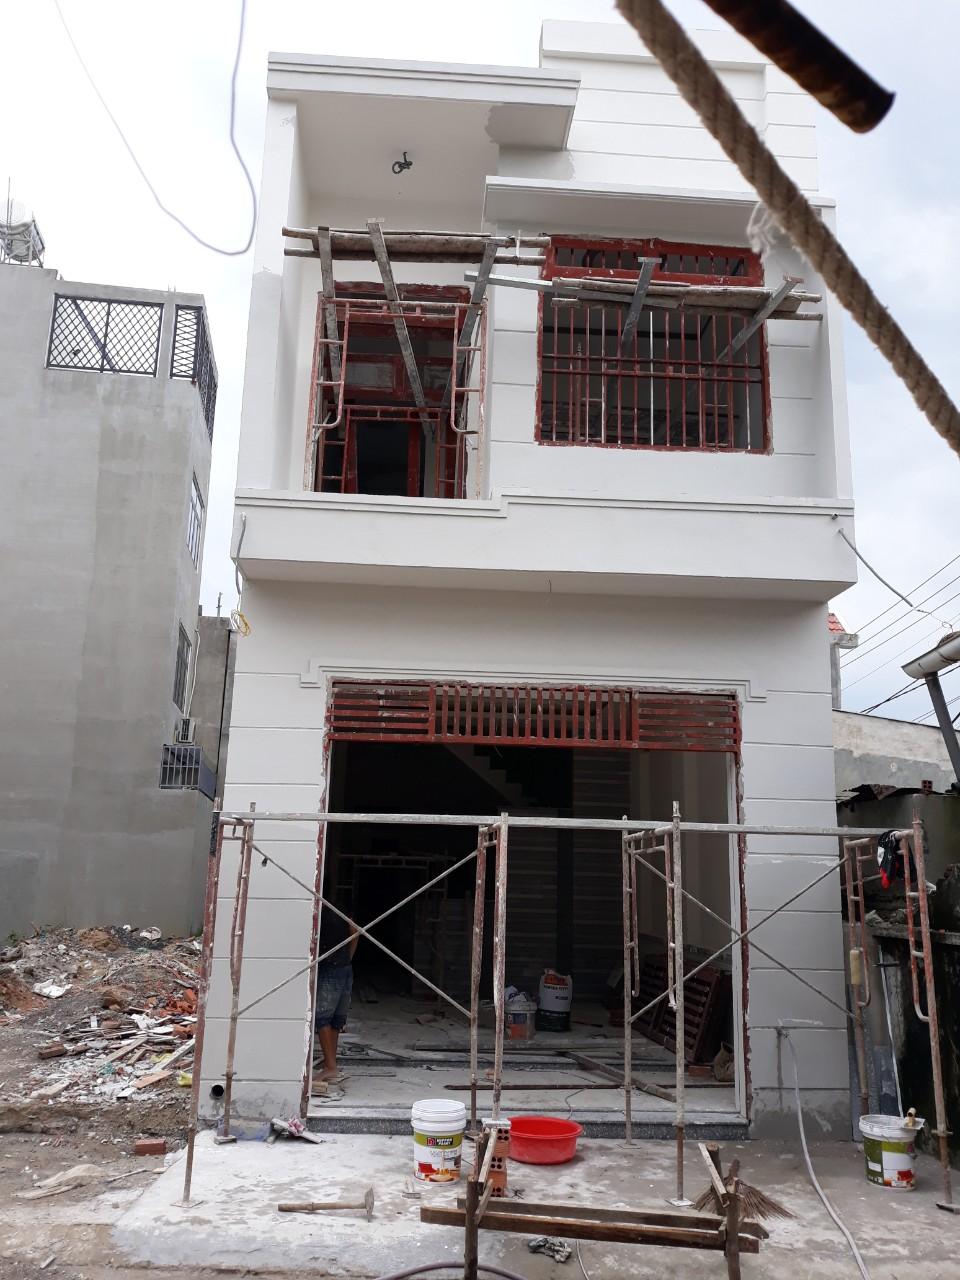 Bán nhà 1 lầu 1 lửng 1 trệt,Đường Nguyễn Hữu Cảnh,gần hội trường đông hòa,dĩ an,bình dương